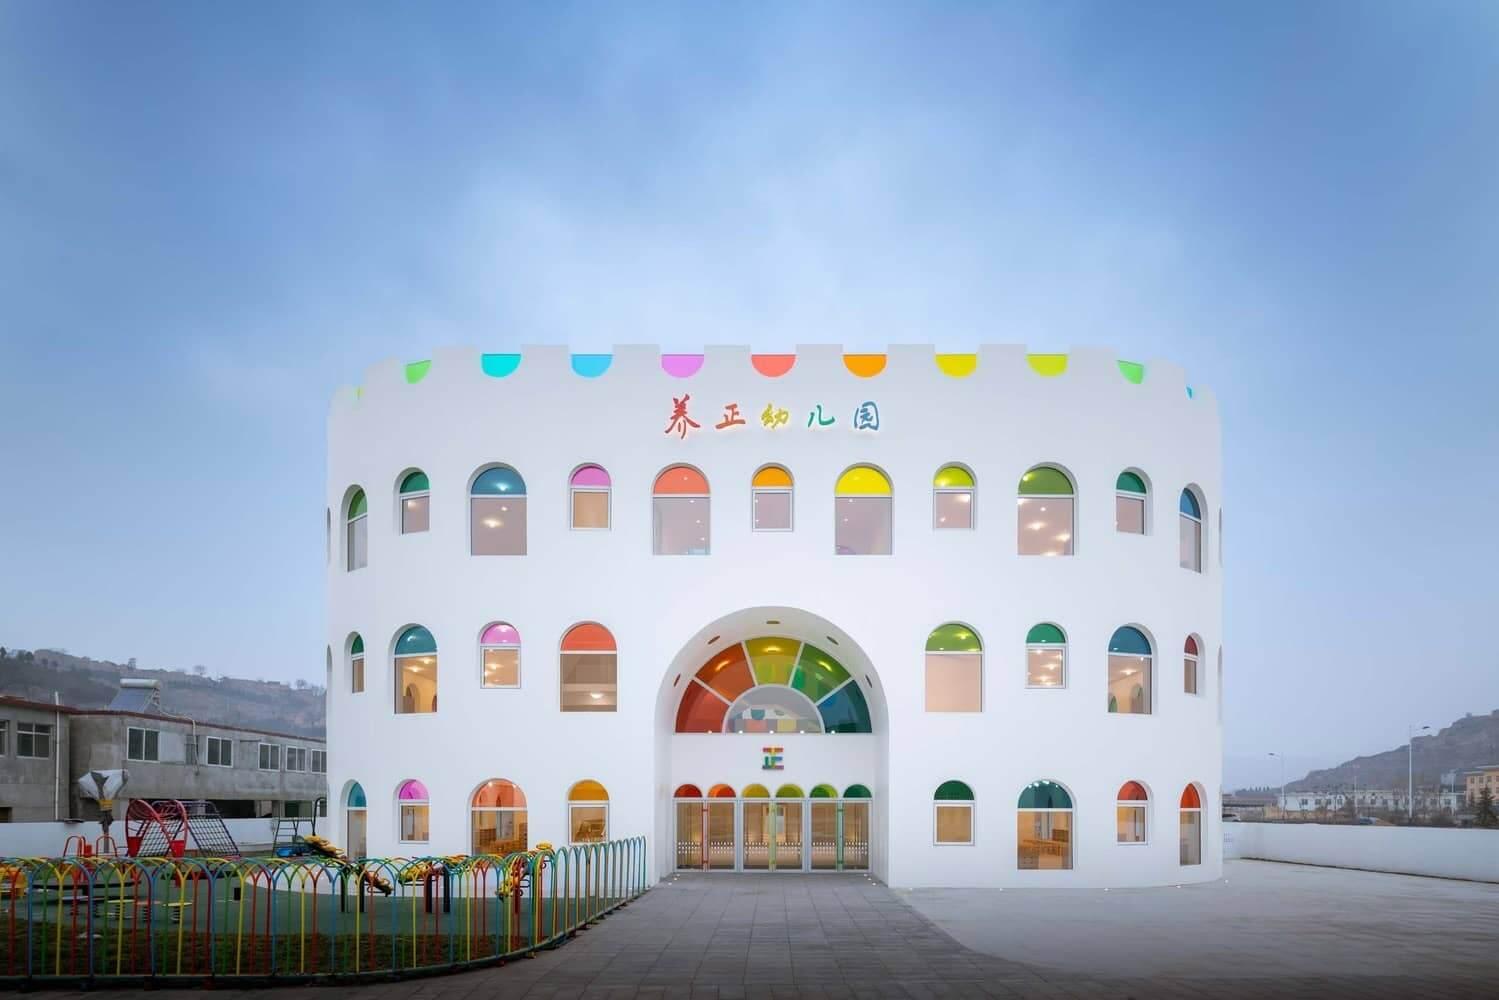 Paneles de vidrio en forma de arco iris emiten un caleidoscopio giratorio en esta guardería | Arquitectura